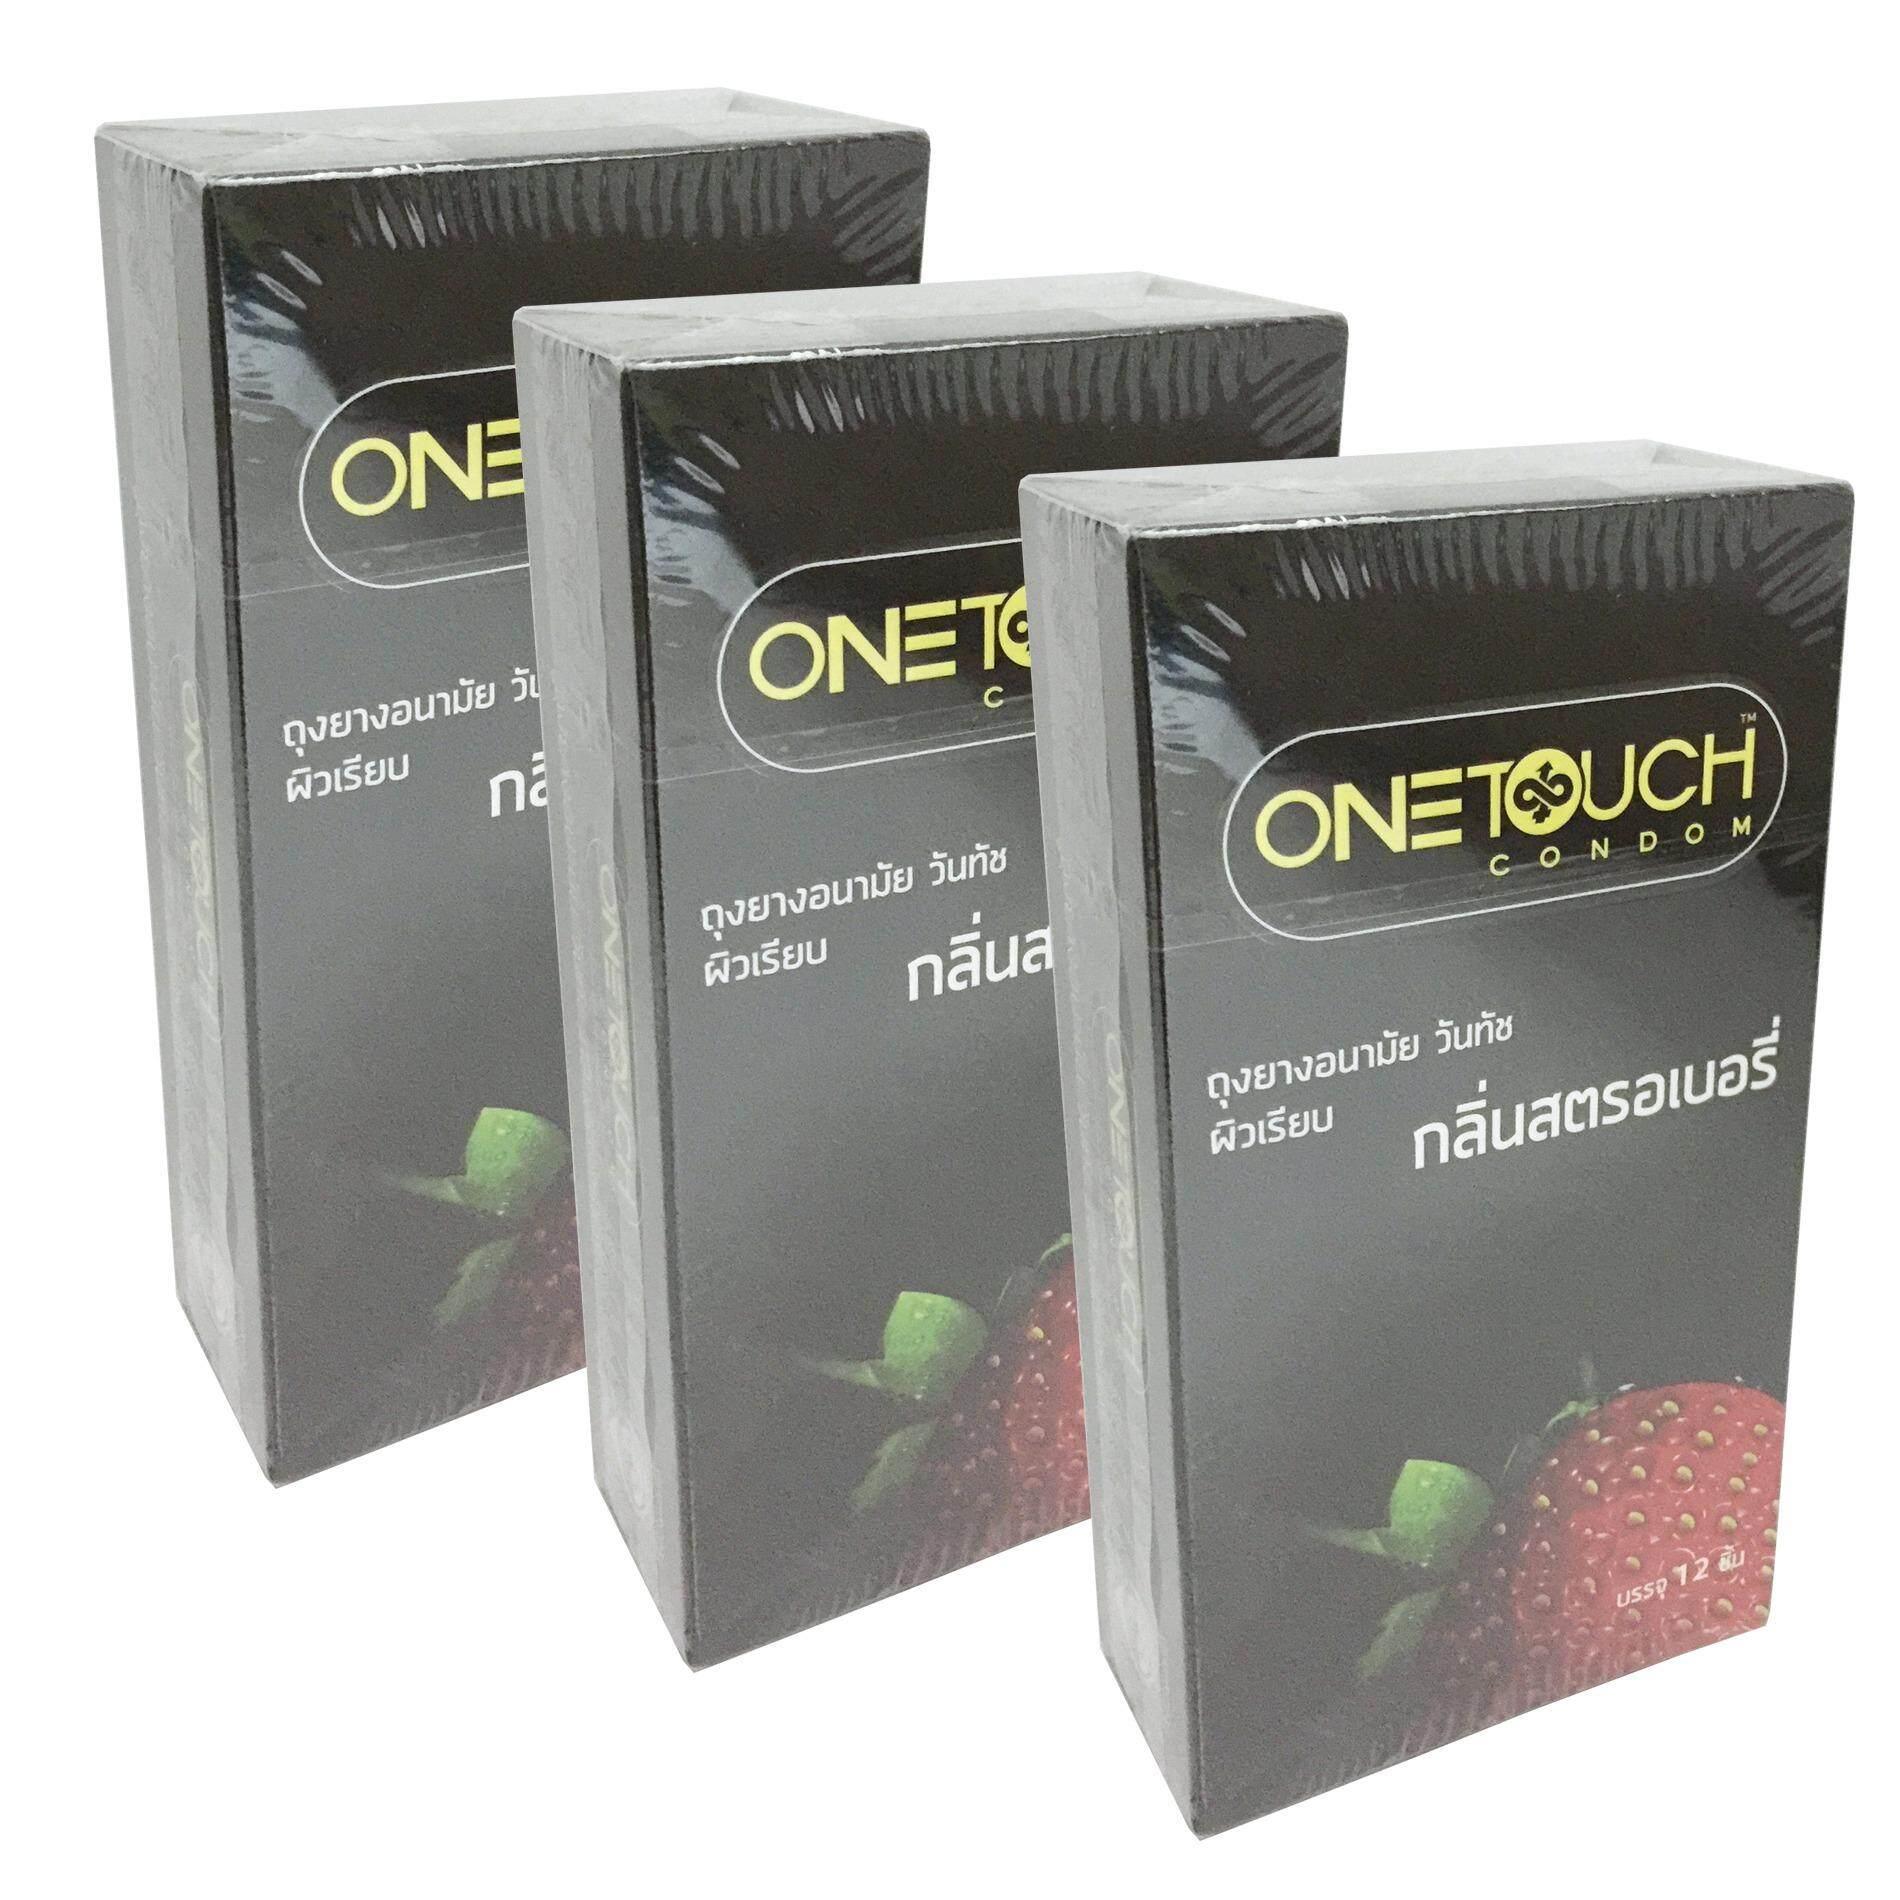 ซื้อ ถุงยางอนามัย วันทัช 36 ชิ้น Onetouch Condom 36 Pieces กรุงเทพมหานคร